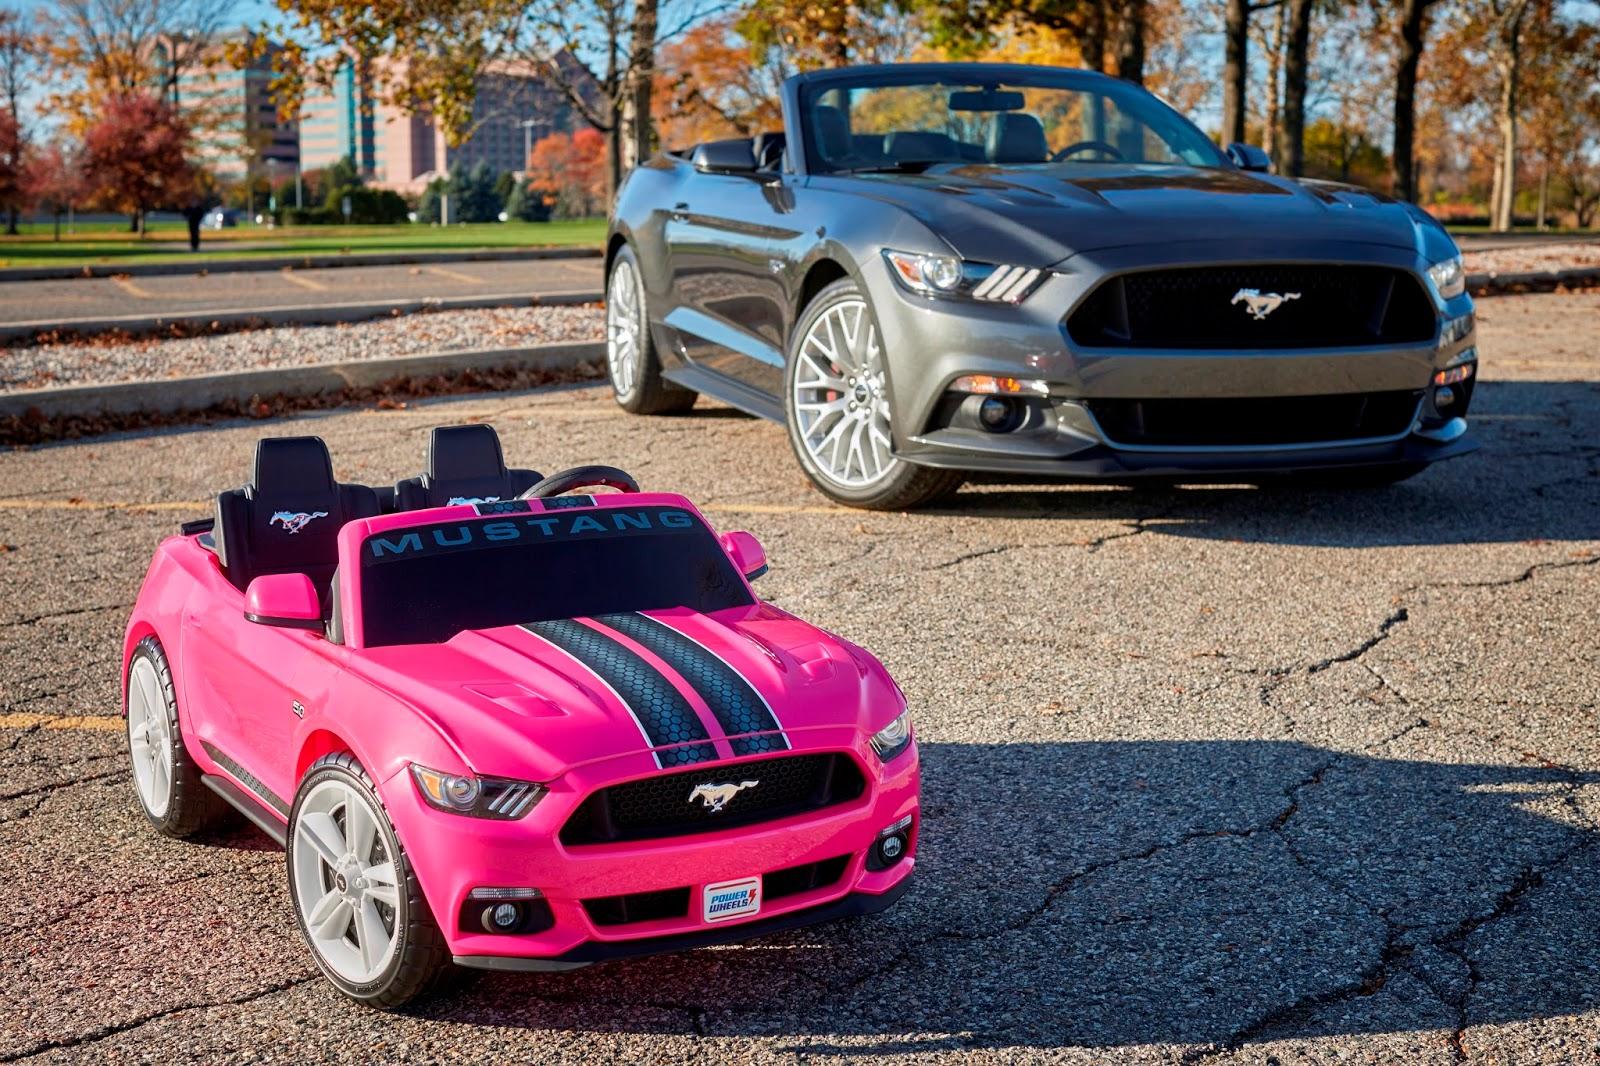 PowerWheels 7730 HR Το καλύτερο δώρο για παιδιά είναι μια... Mustang! Ford, Ford Mustang, Ford Mustang GT, Fun, Game, Kids, videos